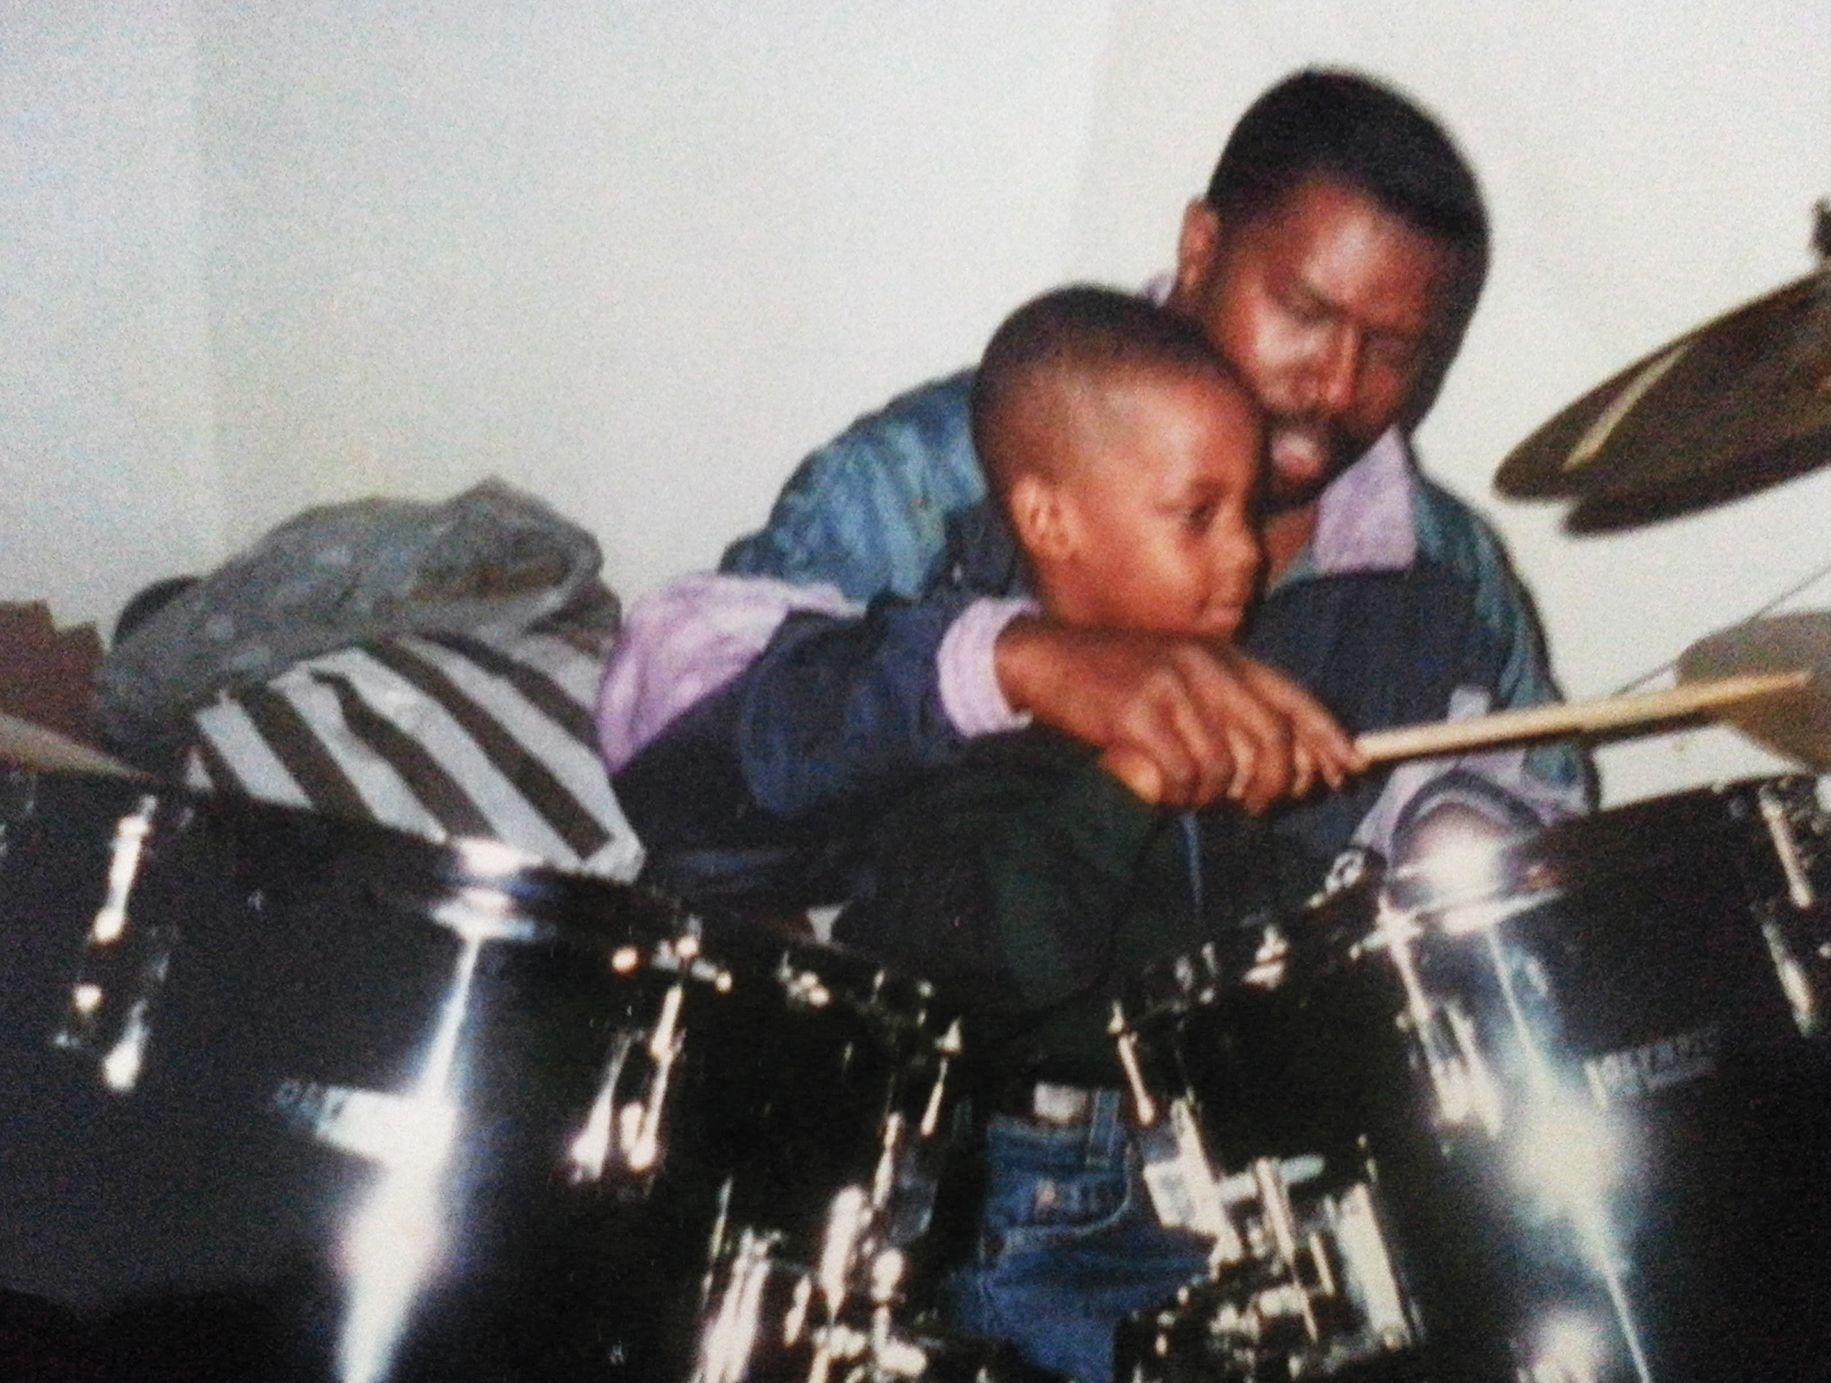 Скотт и его отец, барабанщик. Интервью для Rolling Stone